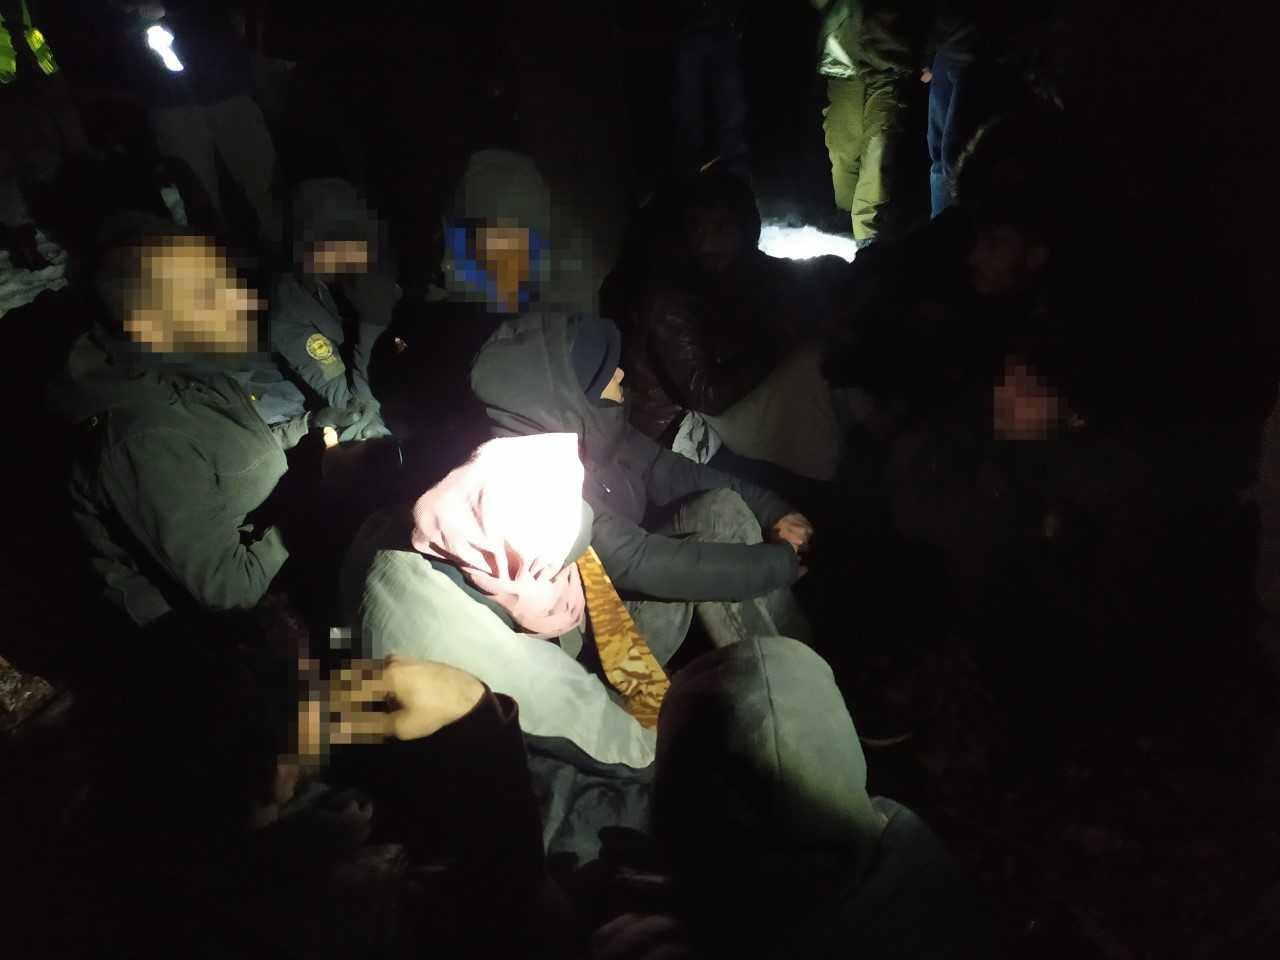 Syryjczycy ukryci w tirze transportującym tekstylia z Rumunii [FOTO] - Zdjęcie główne